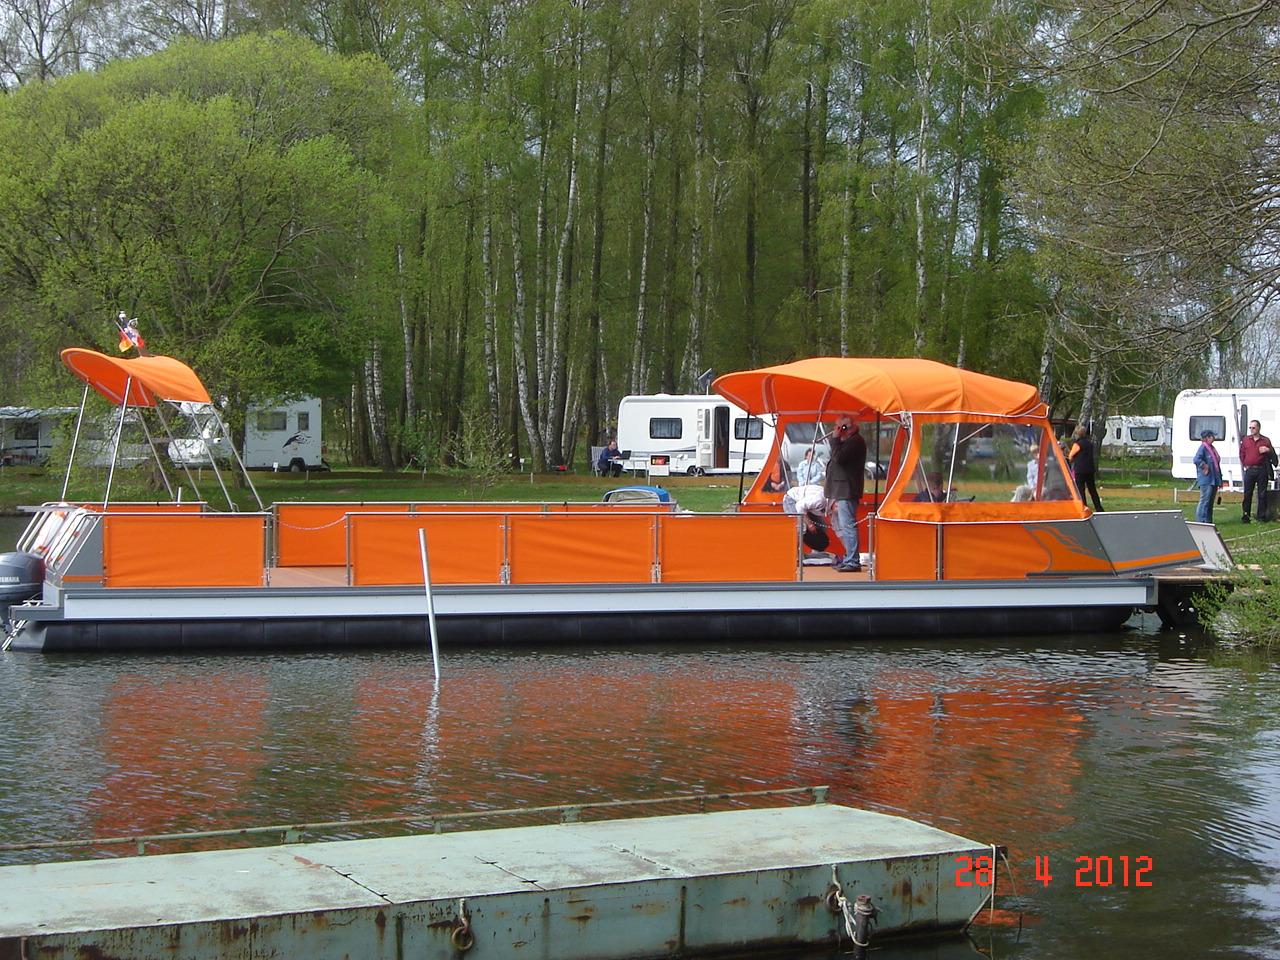 Ein fahrender freecamper in einem Kanal